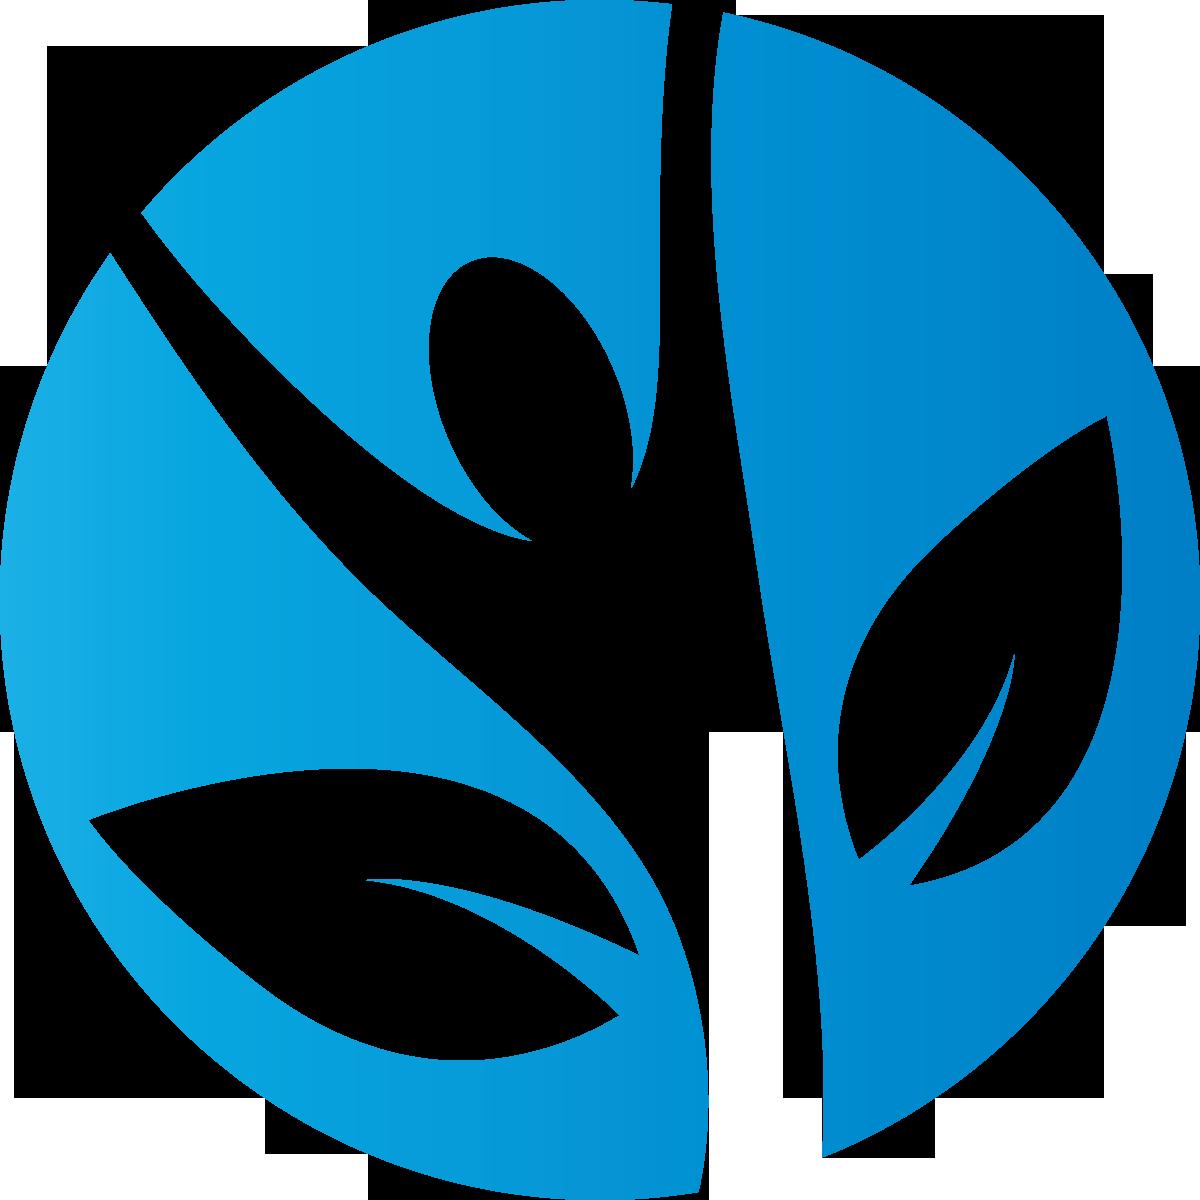 healthcare logo png | Design Ideas | Pinterest | Logos ...